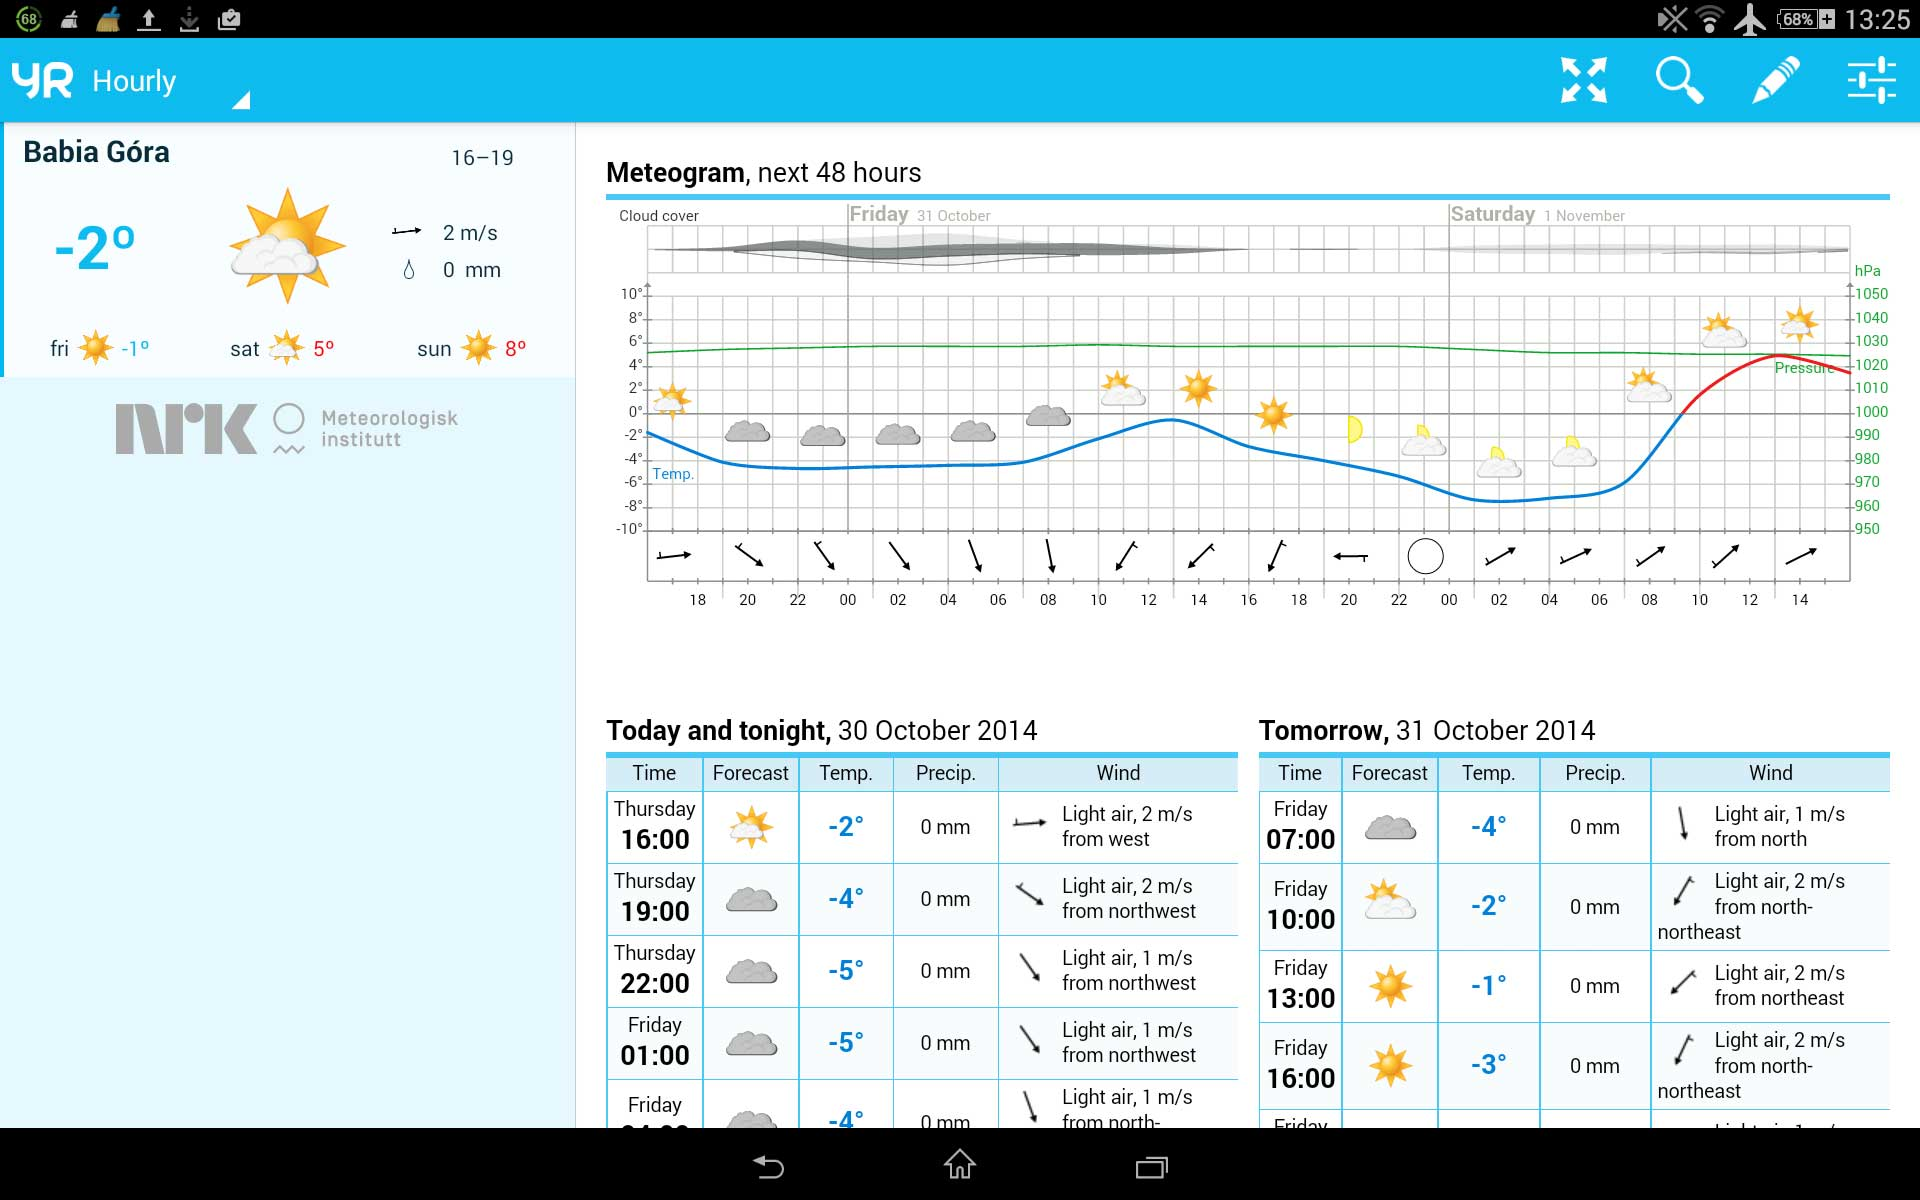 Aplikacja doprognozy pogody YR.NO